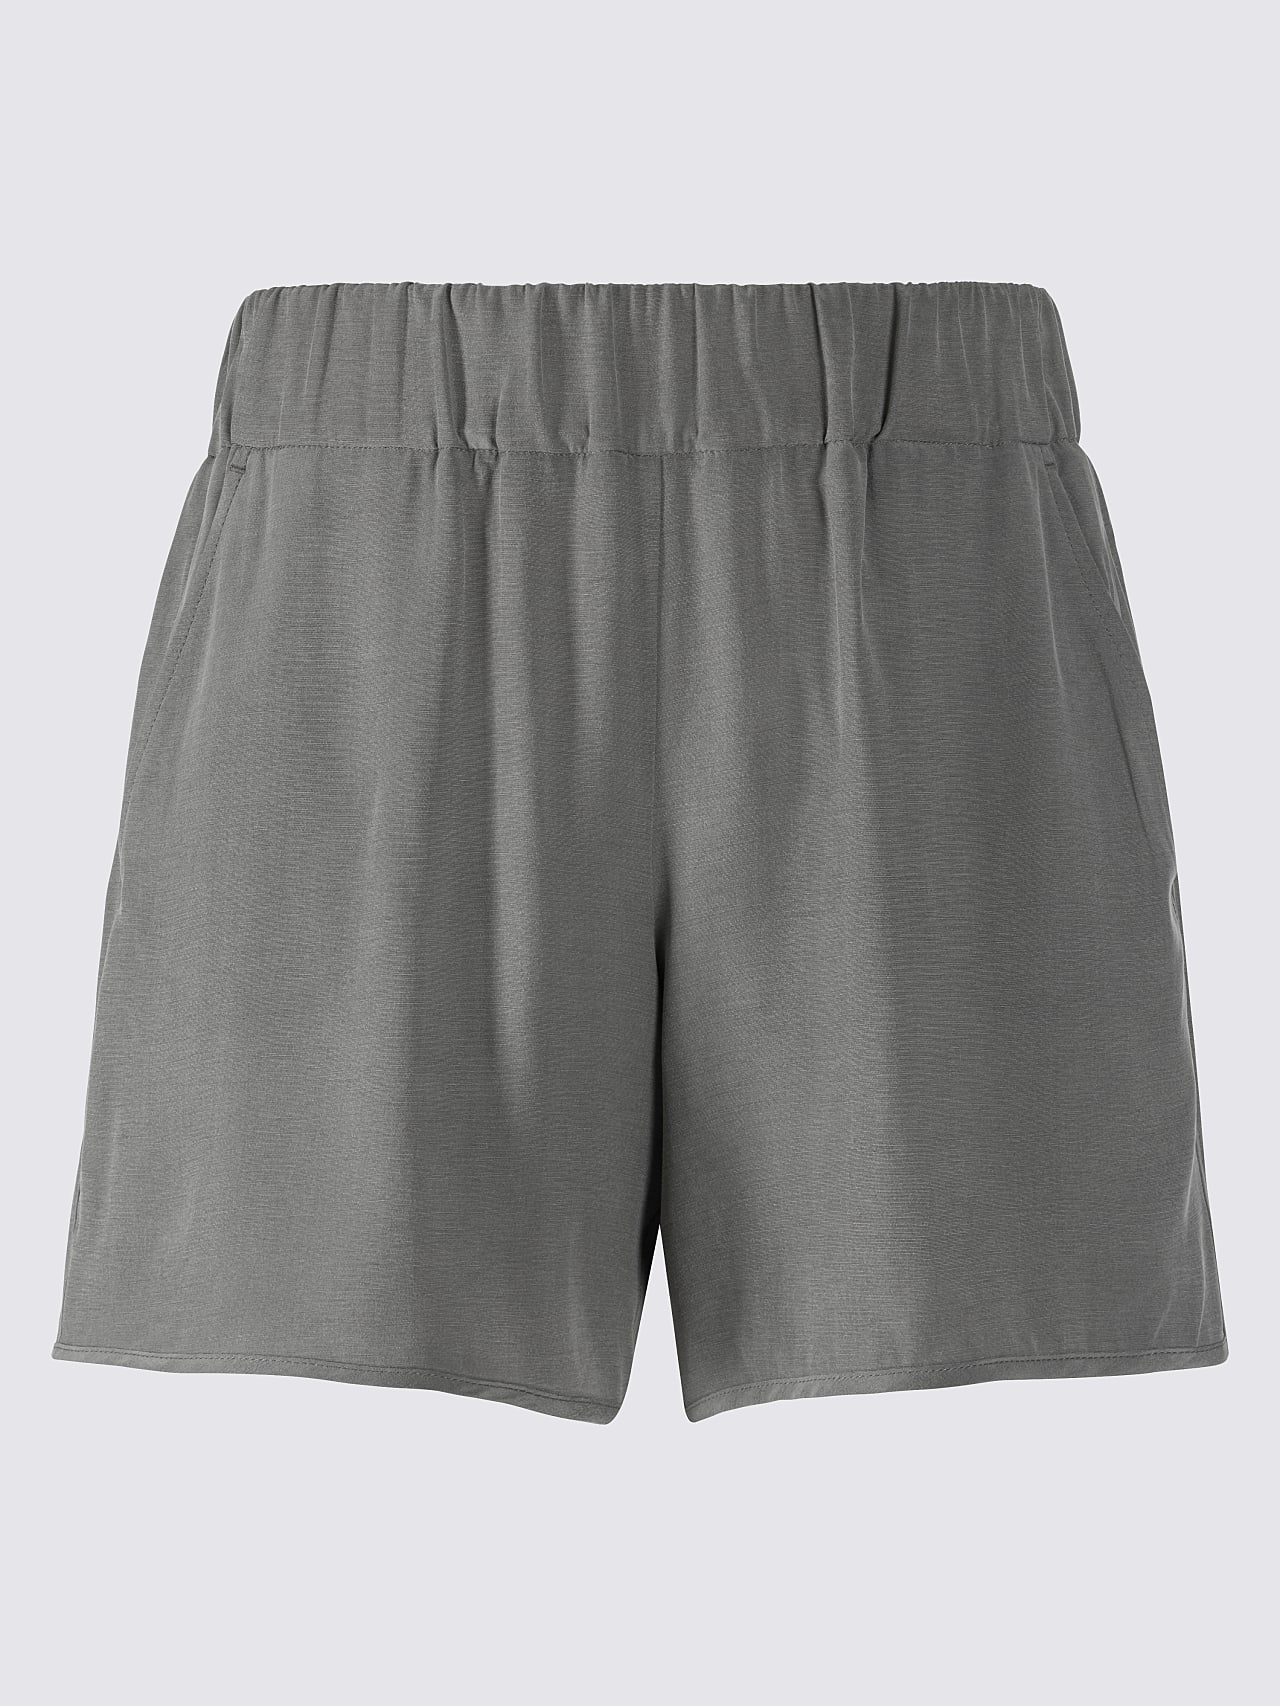 PHORT V1.Y5.01 Relaxed Cupro Shorts Grey Back Alpha Tauri